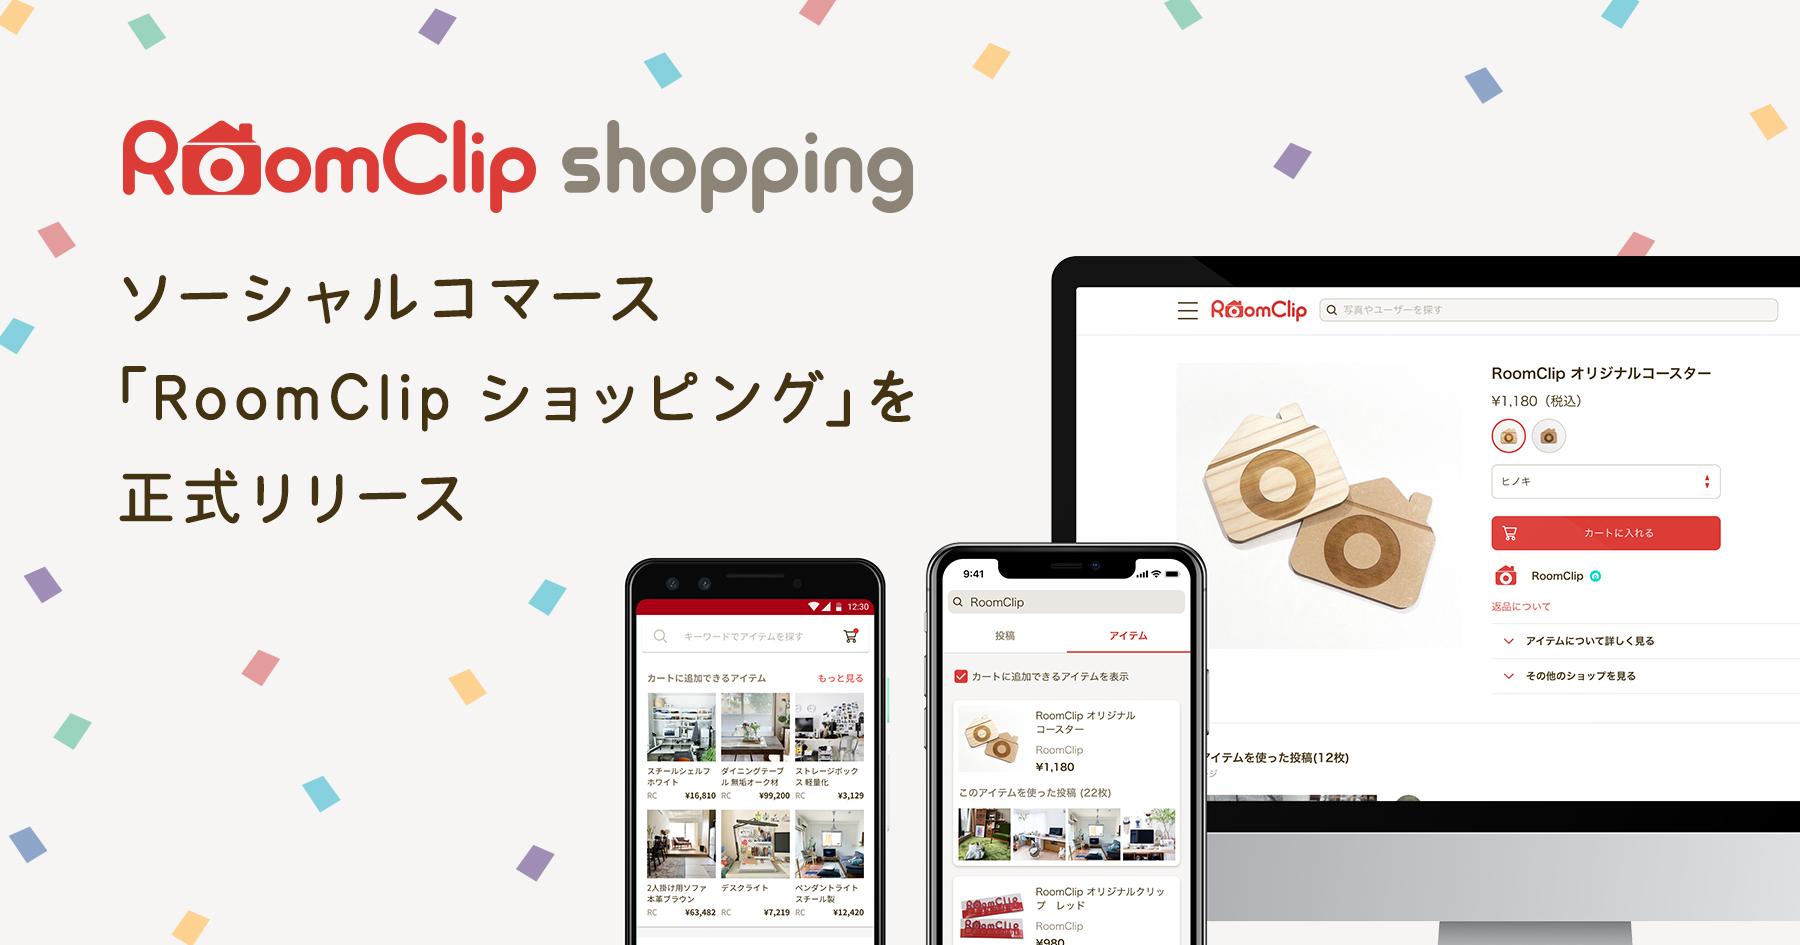 ルームクリップ、ソーシャルコマース「RoomClip ショッピング」を正式リリース